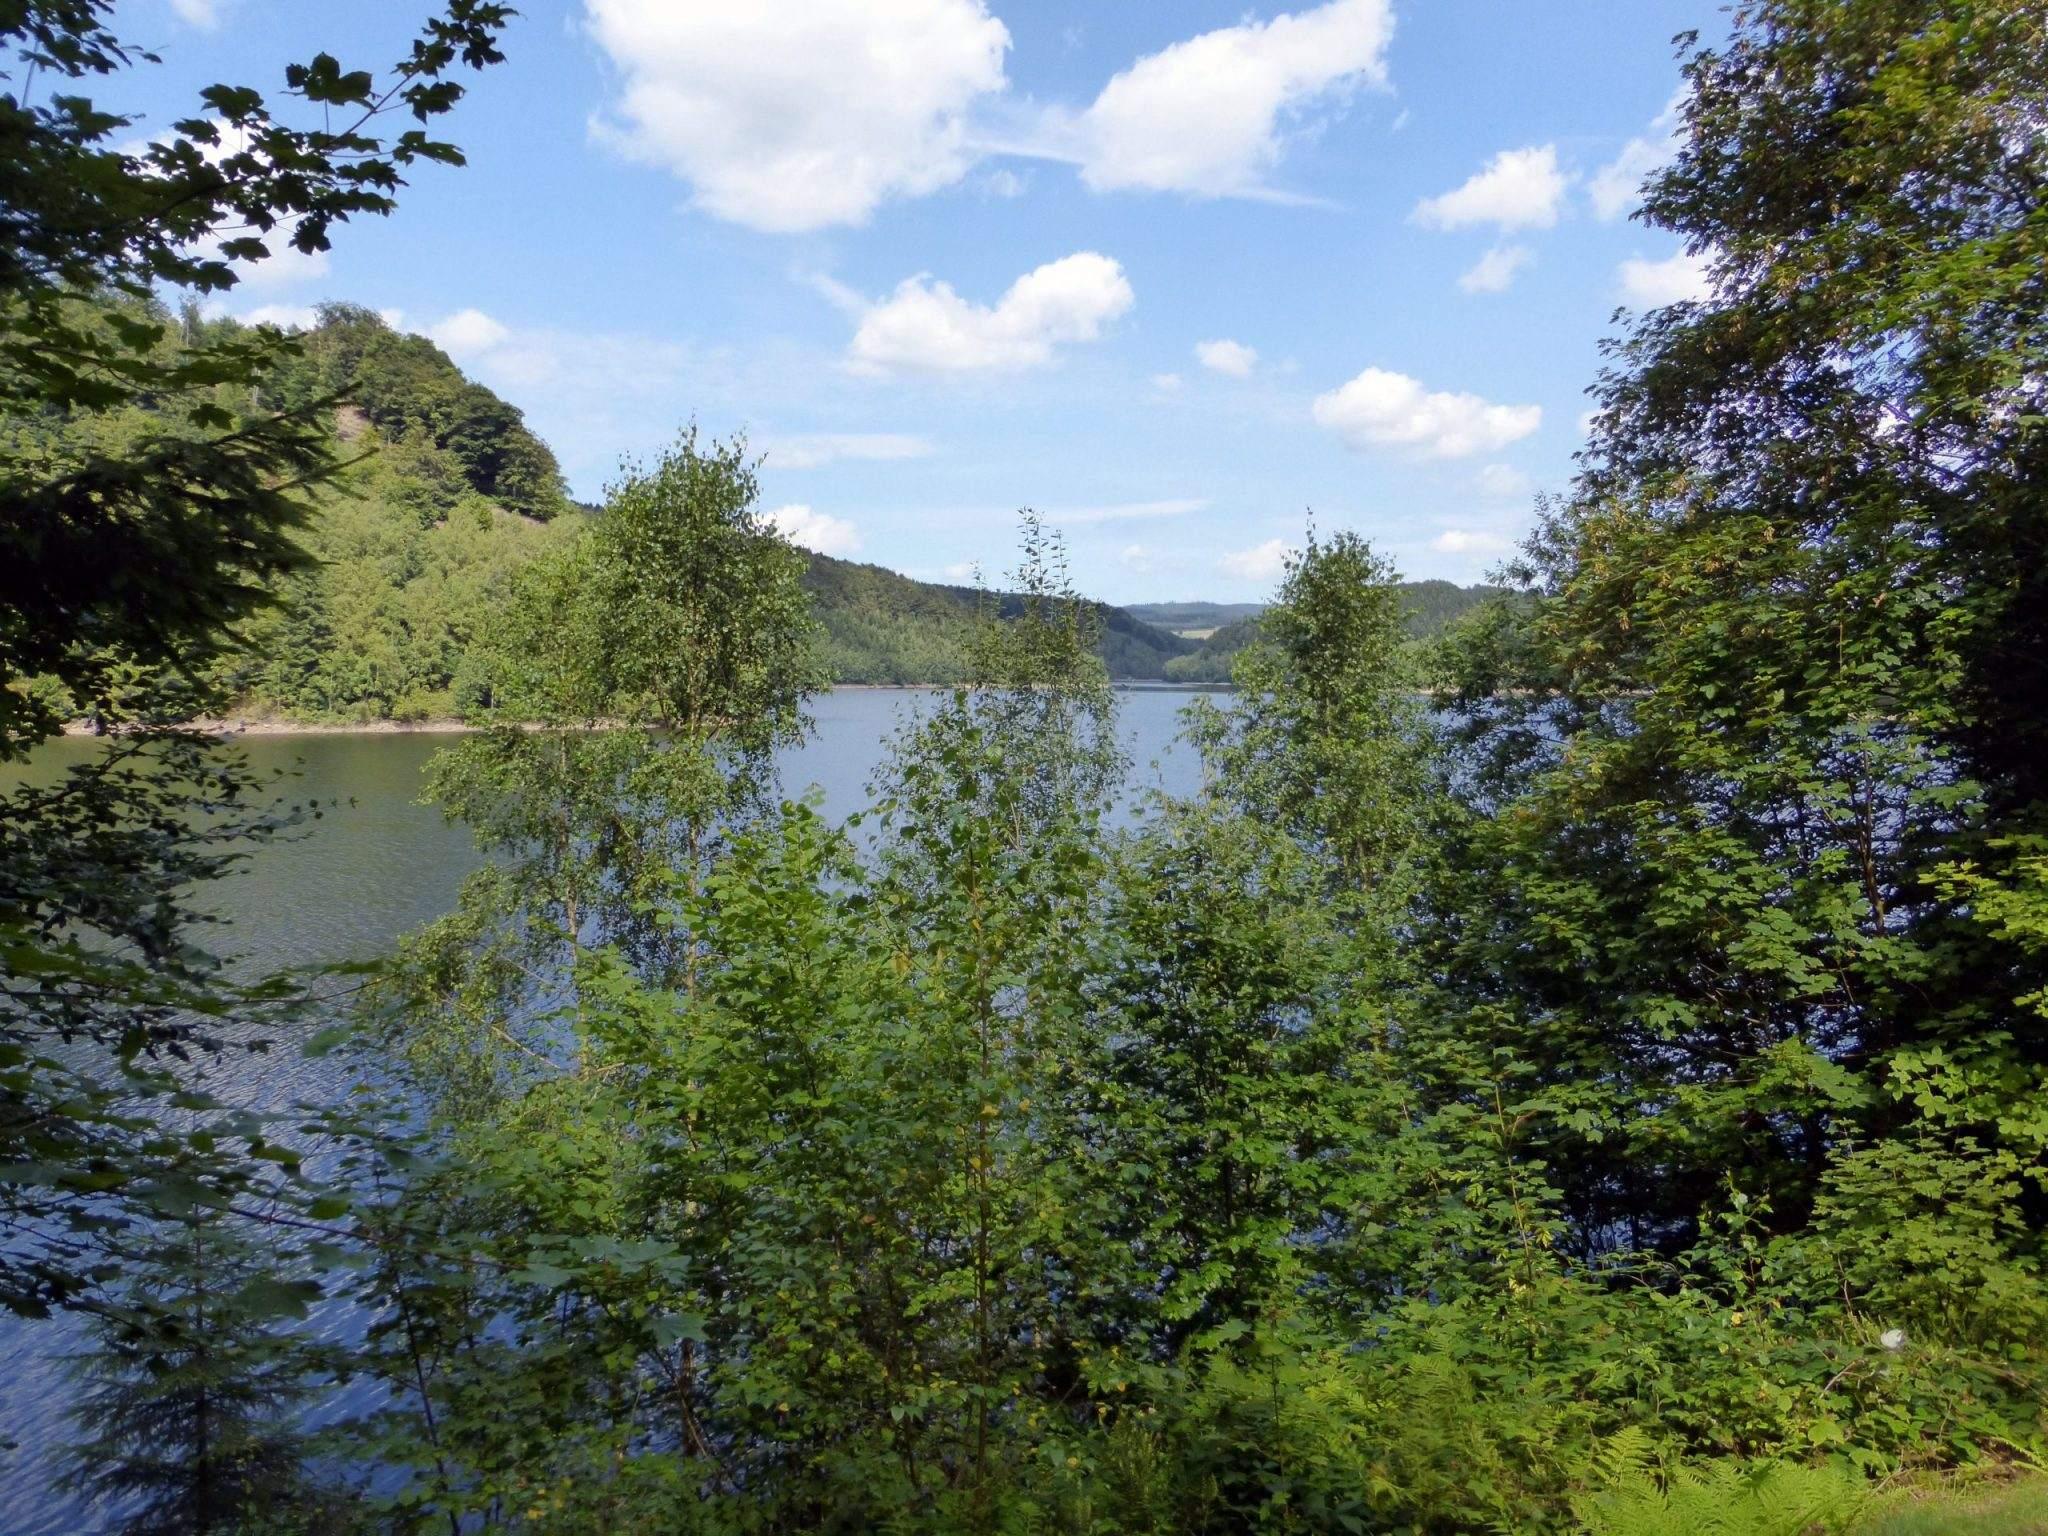 Een rustig deel van de Bostalsee  in het Saarland